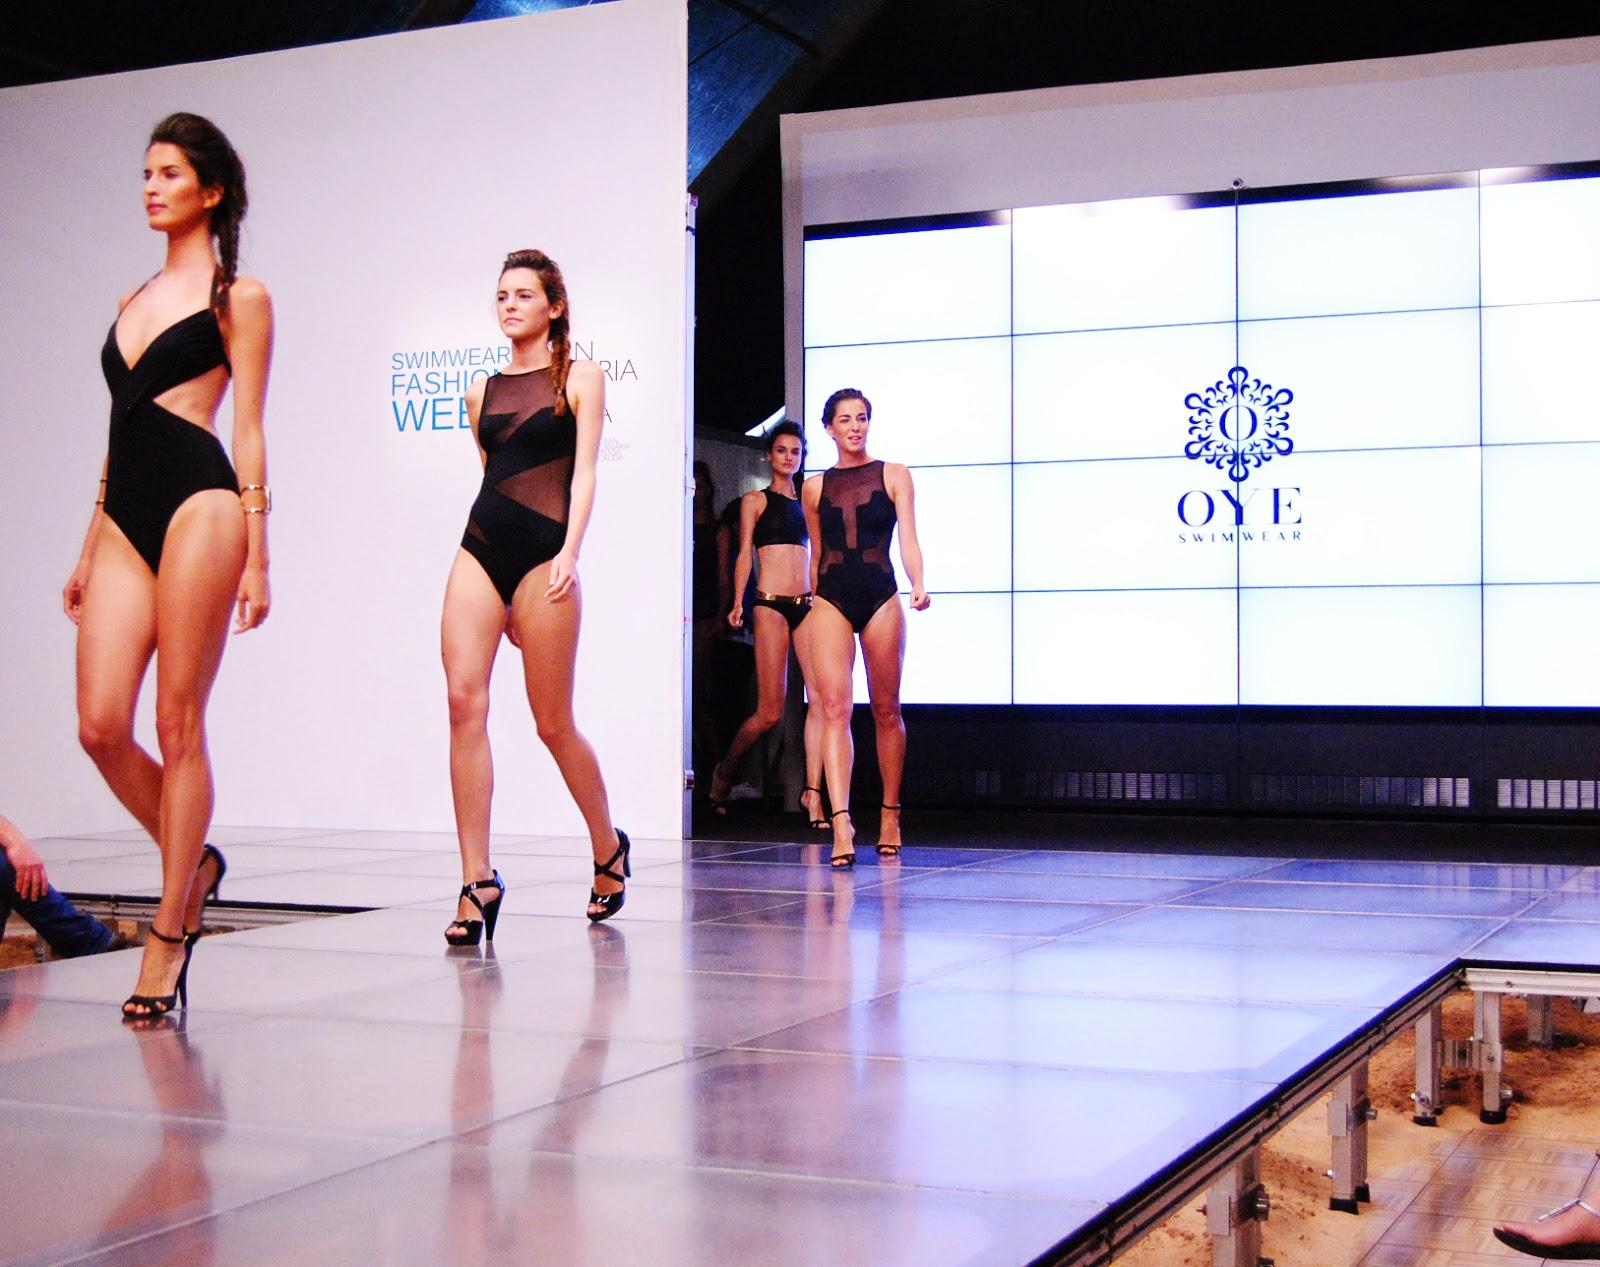 moda calida, gran canaria fashion week, gcmc, gcmodacalica2014, OYE, swimwear